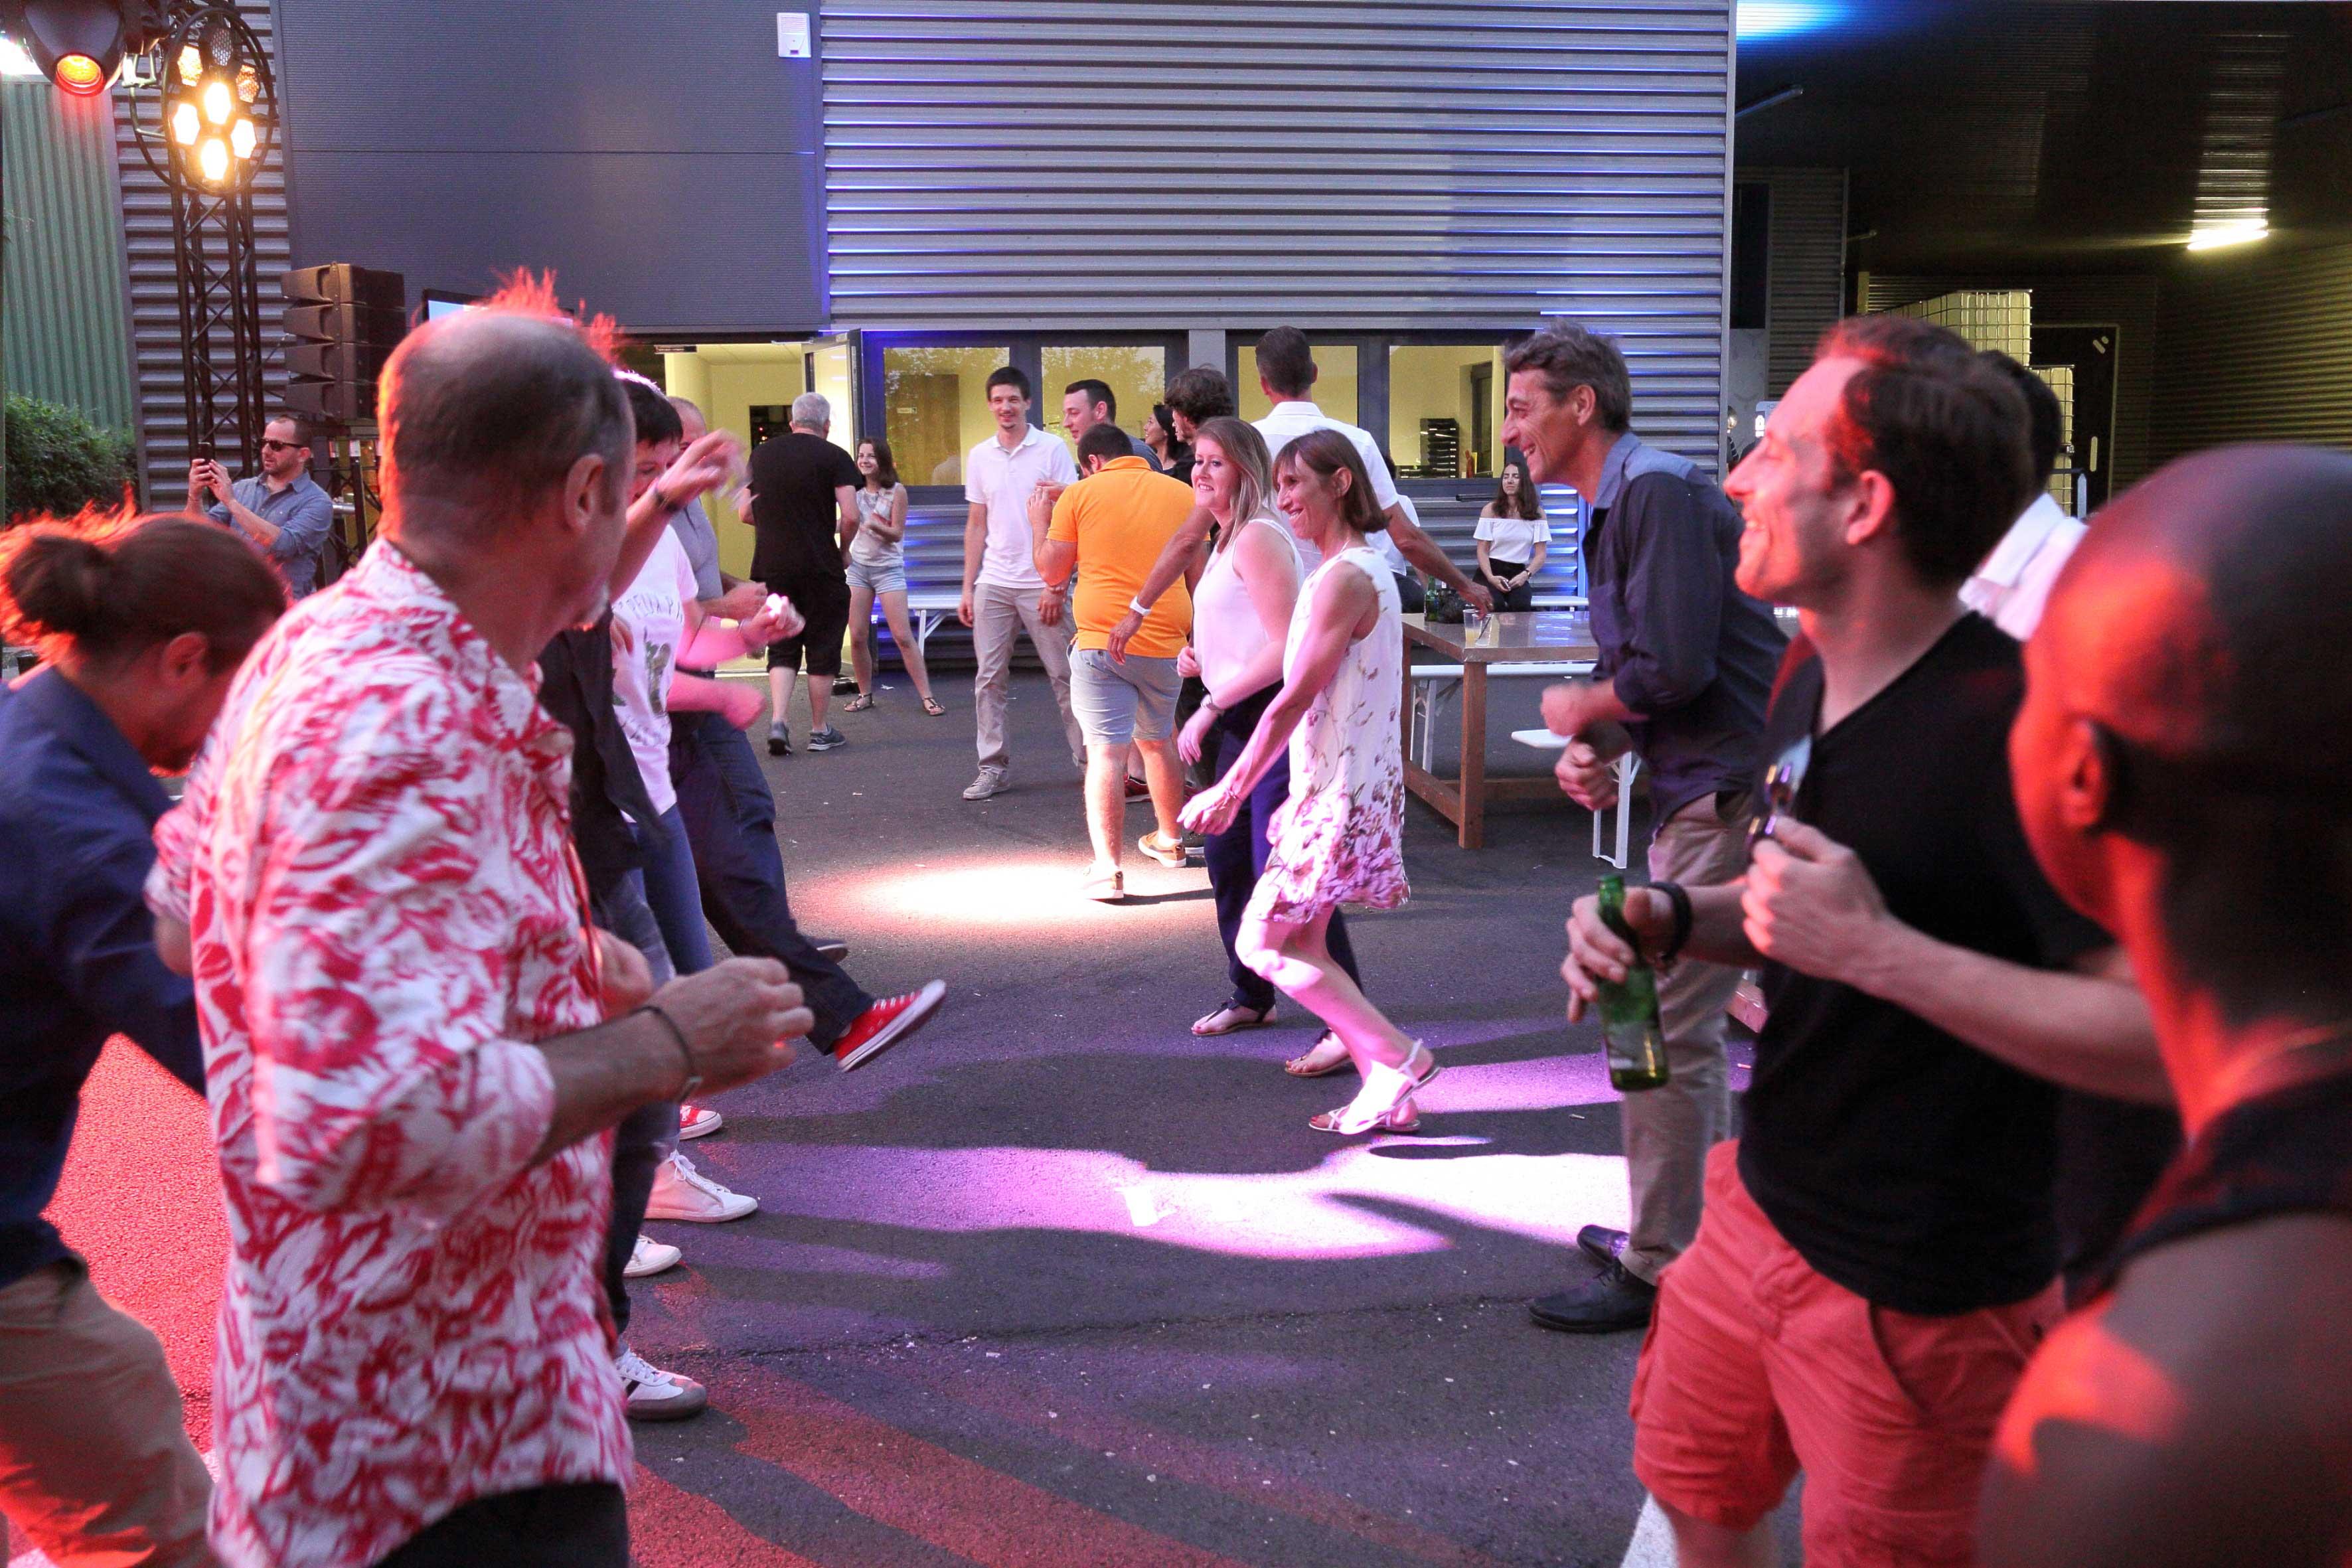 29-juin-aucop-soiree-wissous-paris-music-events-agency-concert